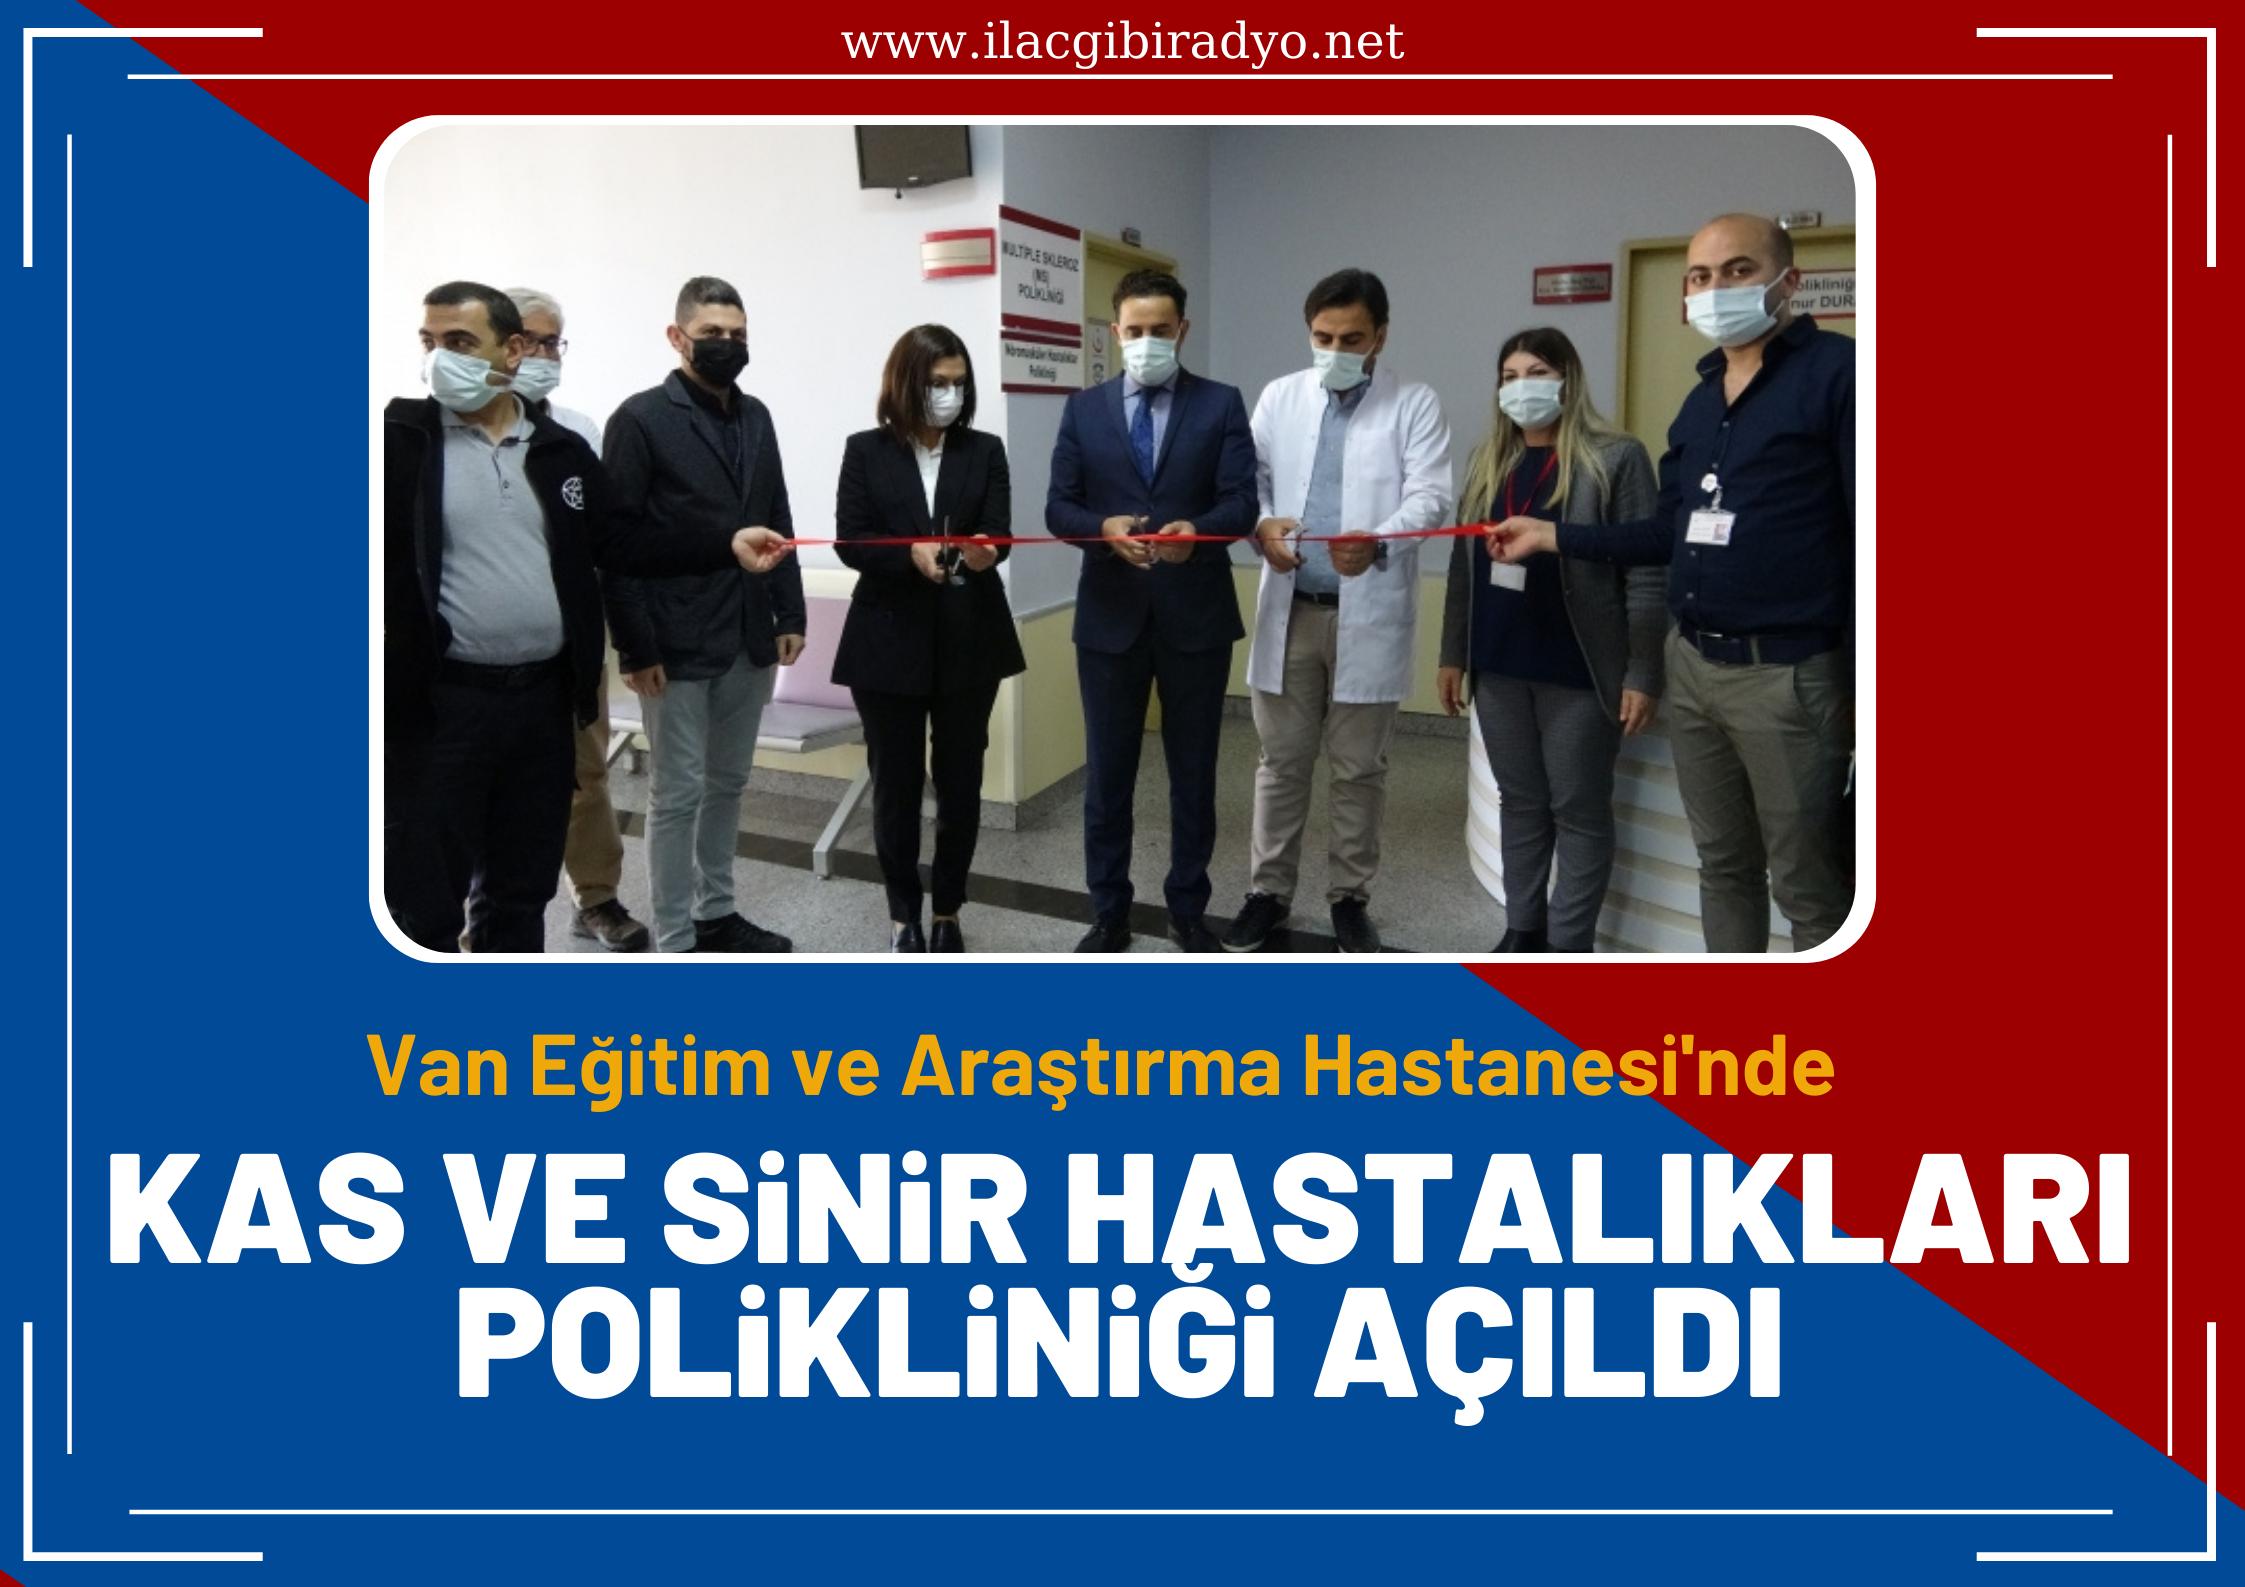 Van Eğitim ve Araştırma Hastanesi'nde kas ve sinir hastalıkları polikliniği açıldı!